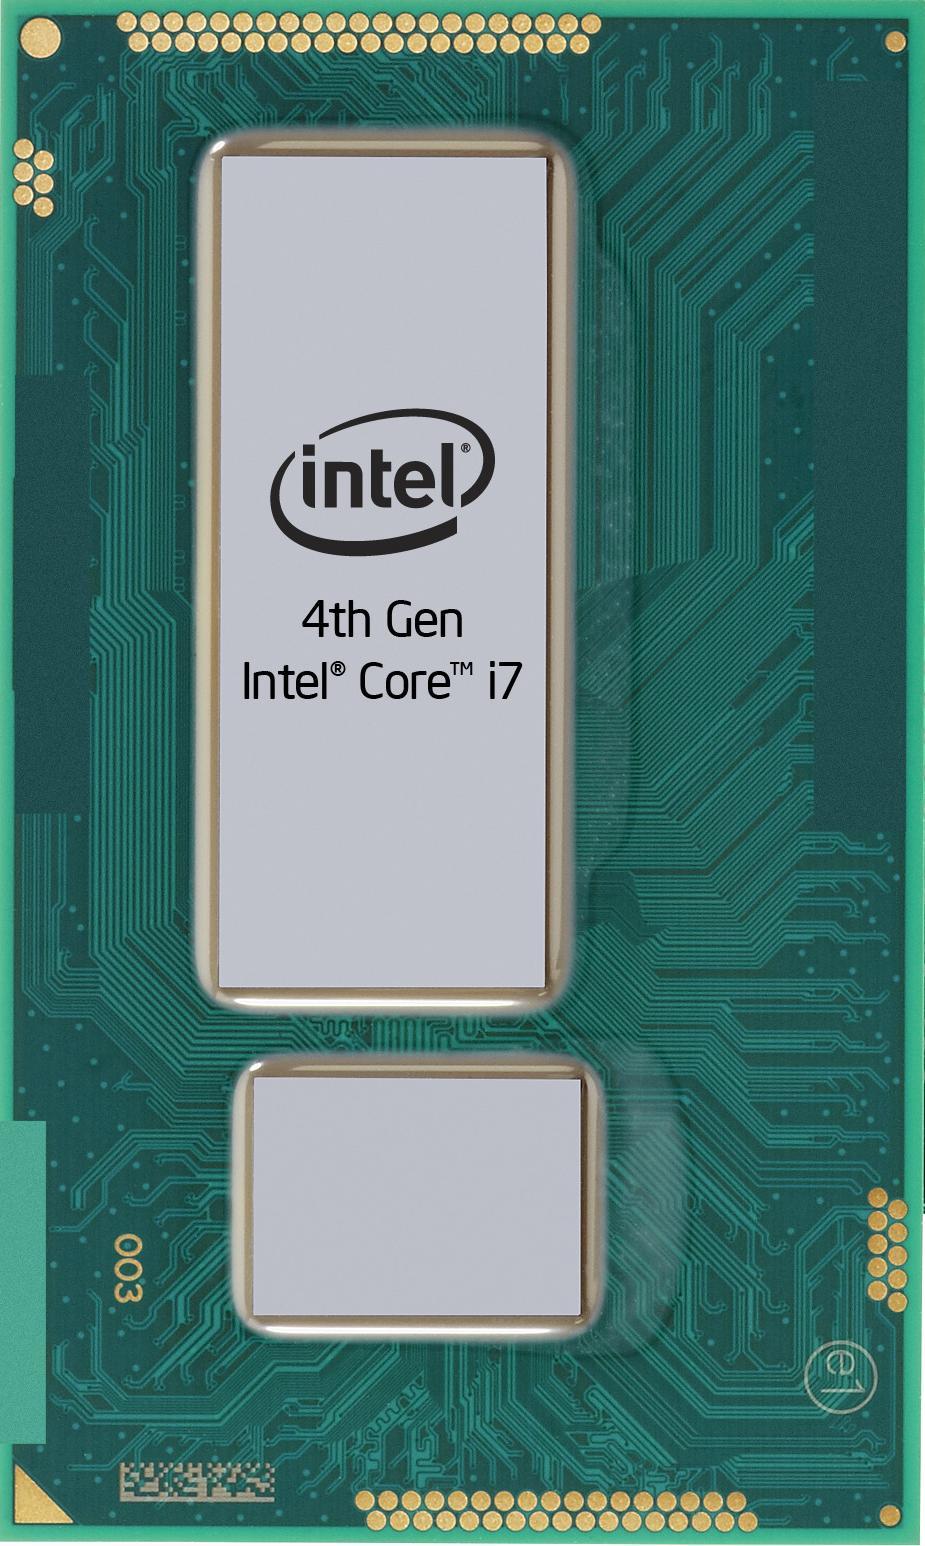 Intel Core i7-4500U